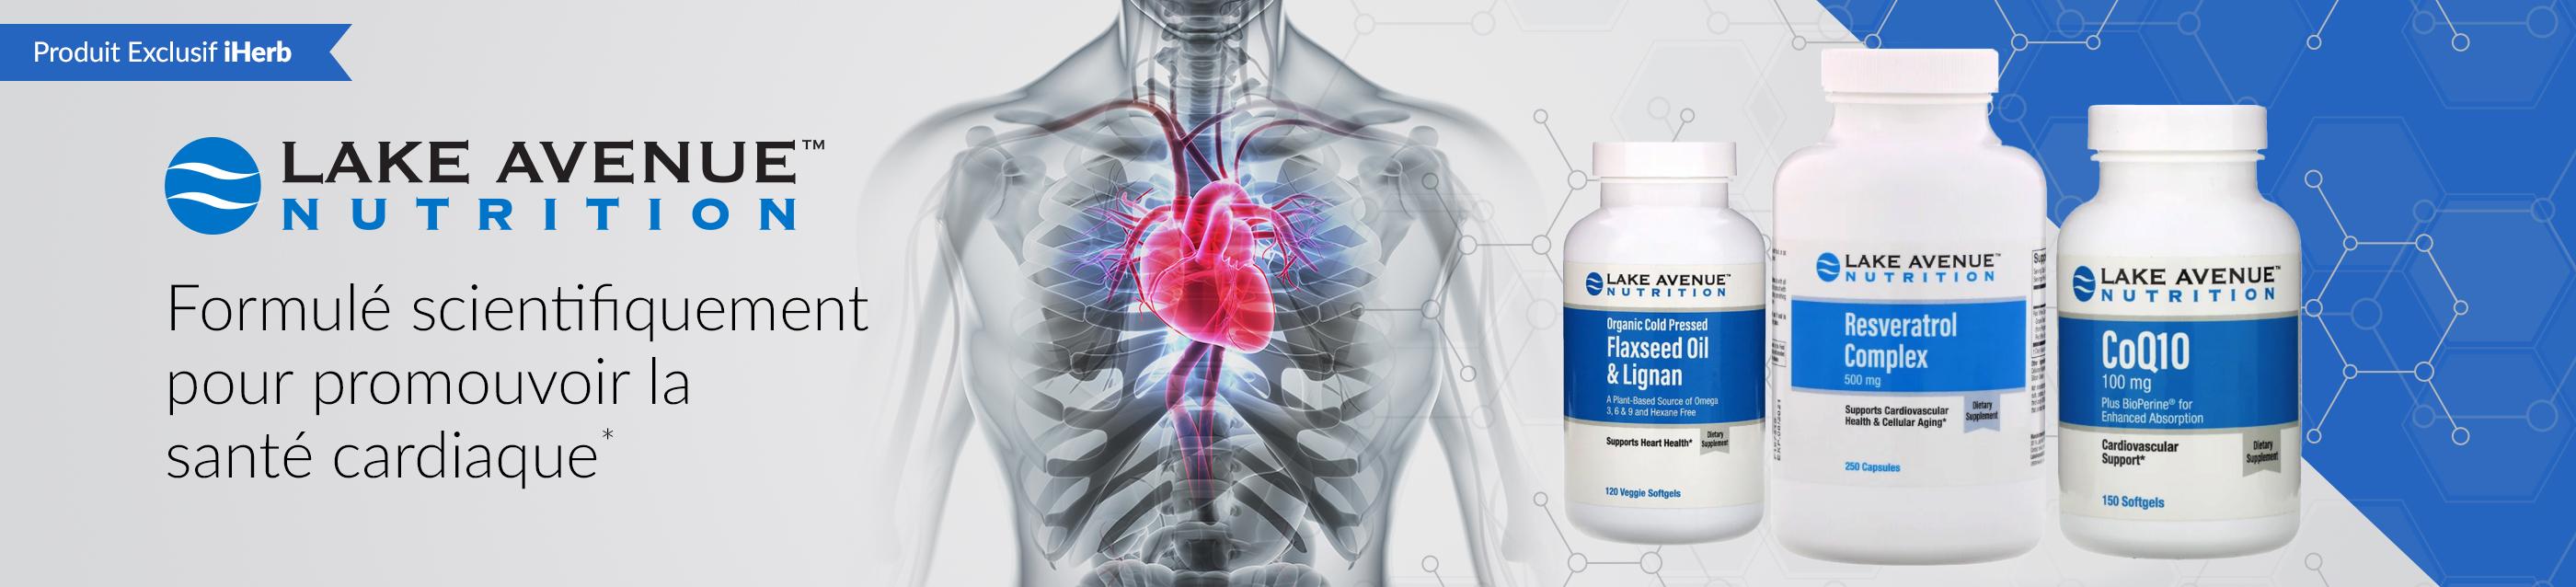 Lake Avenue Heart Health